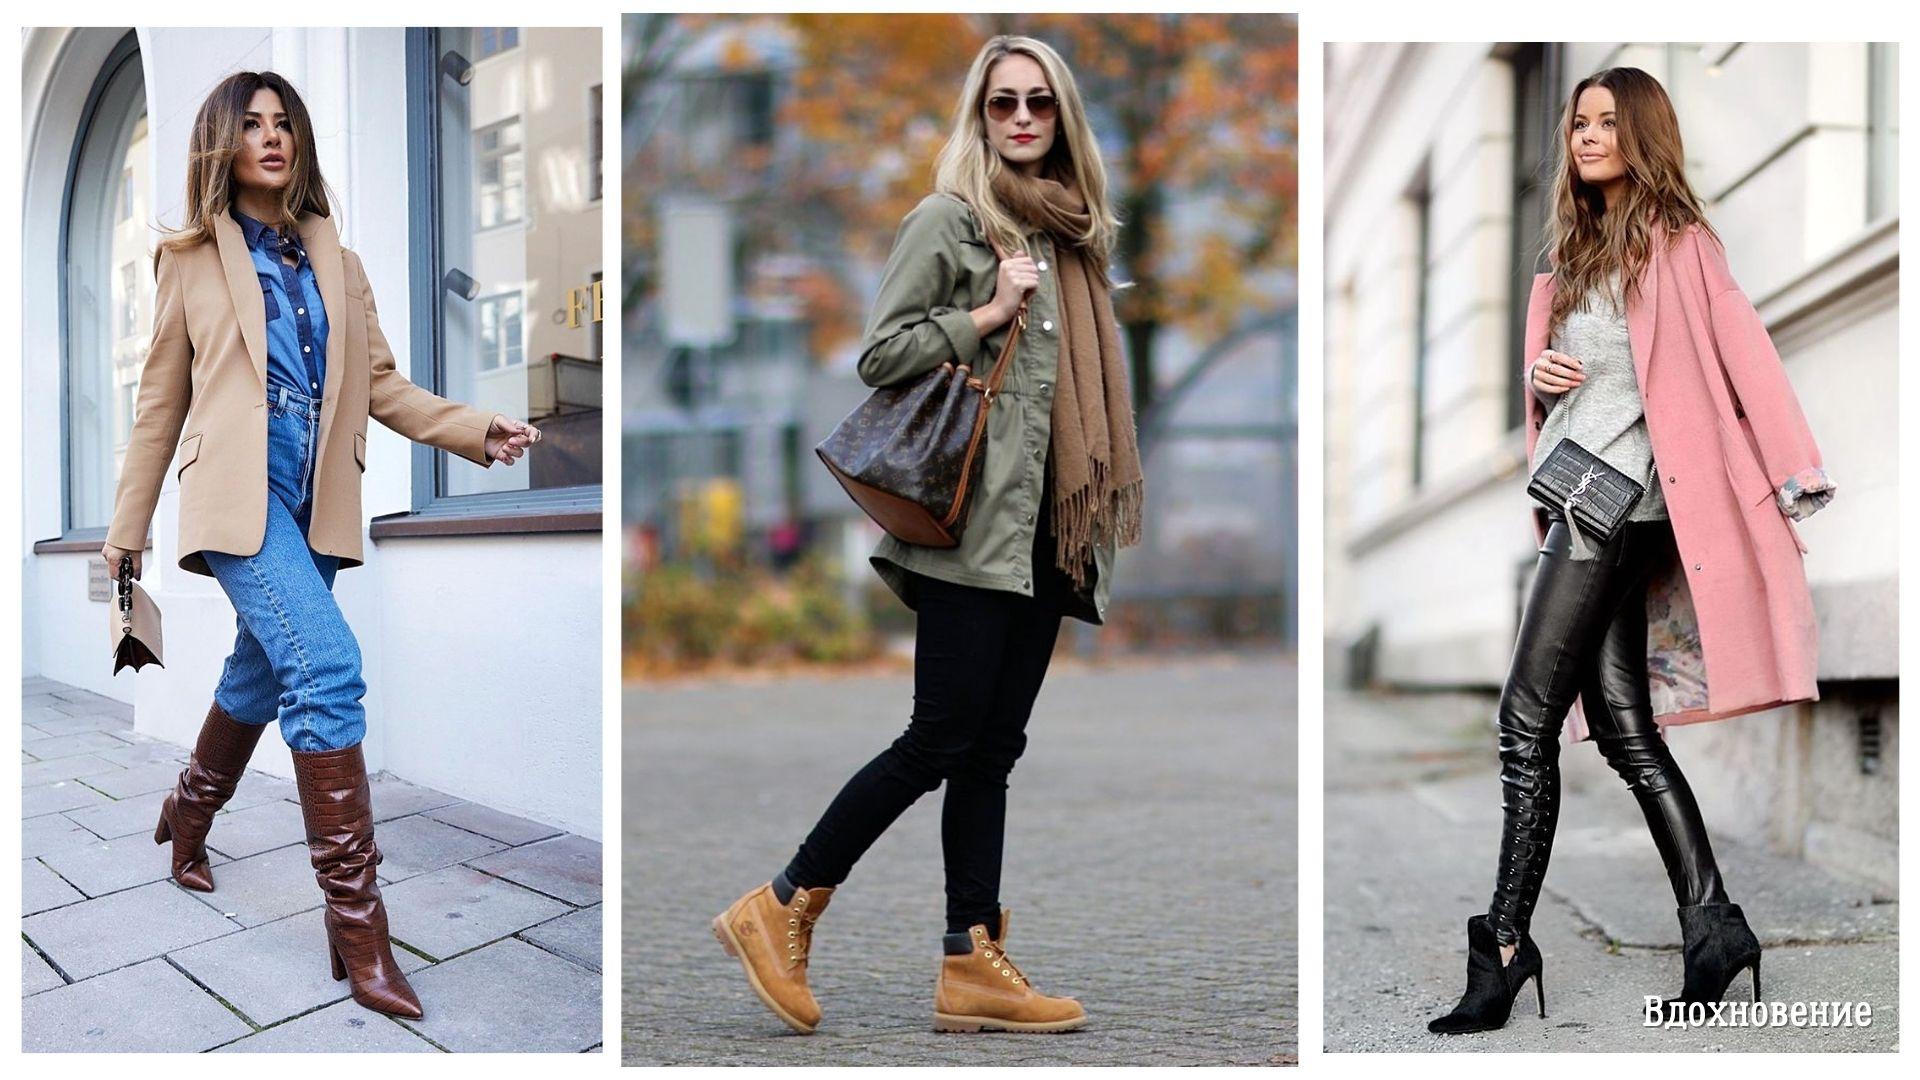 Осенняя обувь: 7 комфортных моделей на каждый день